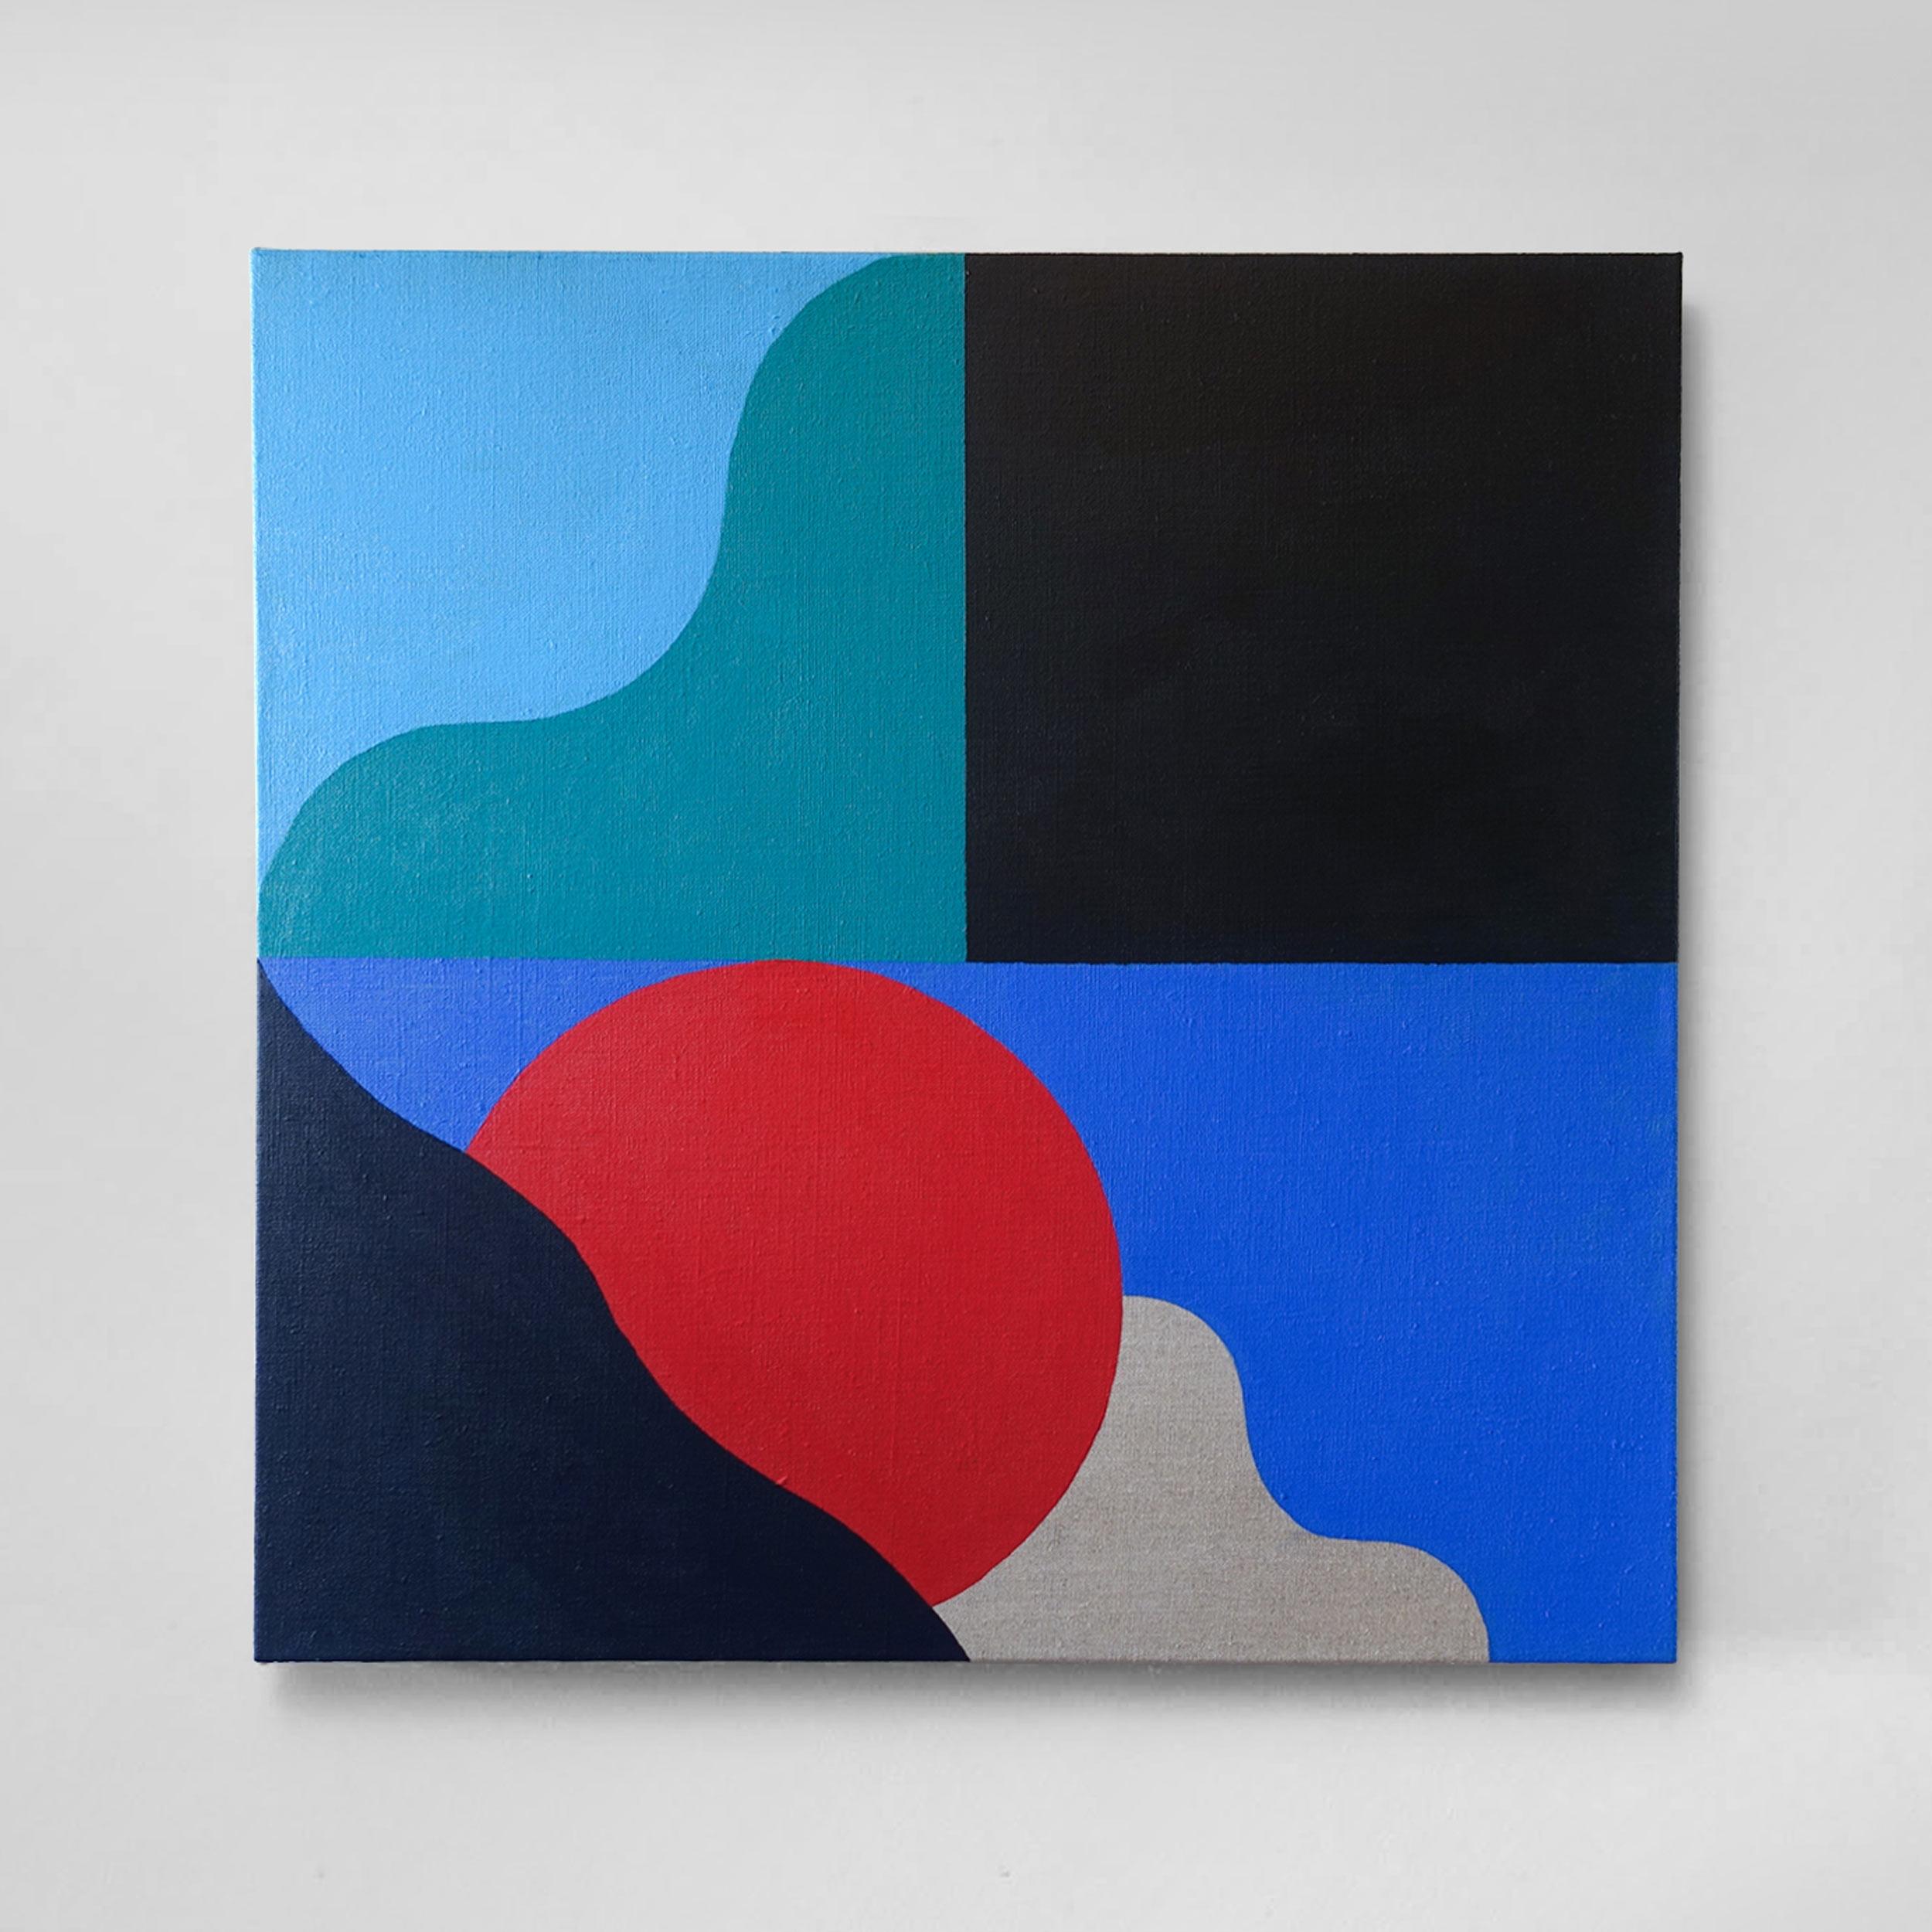 square-composition-no.-3-sam-smyth-2017.jpg